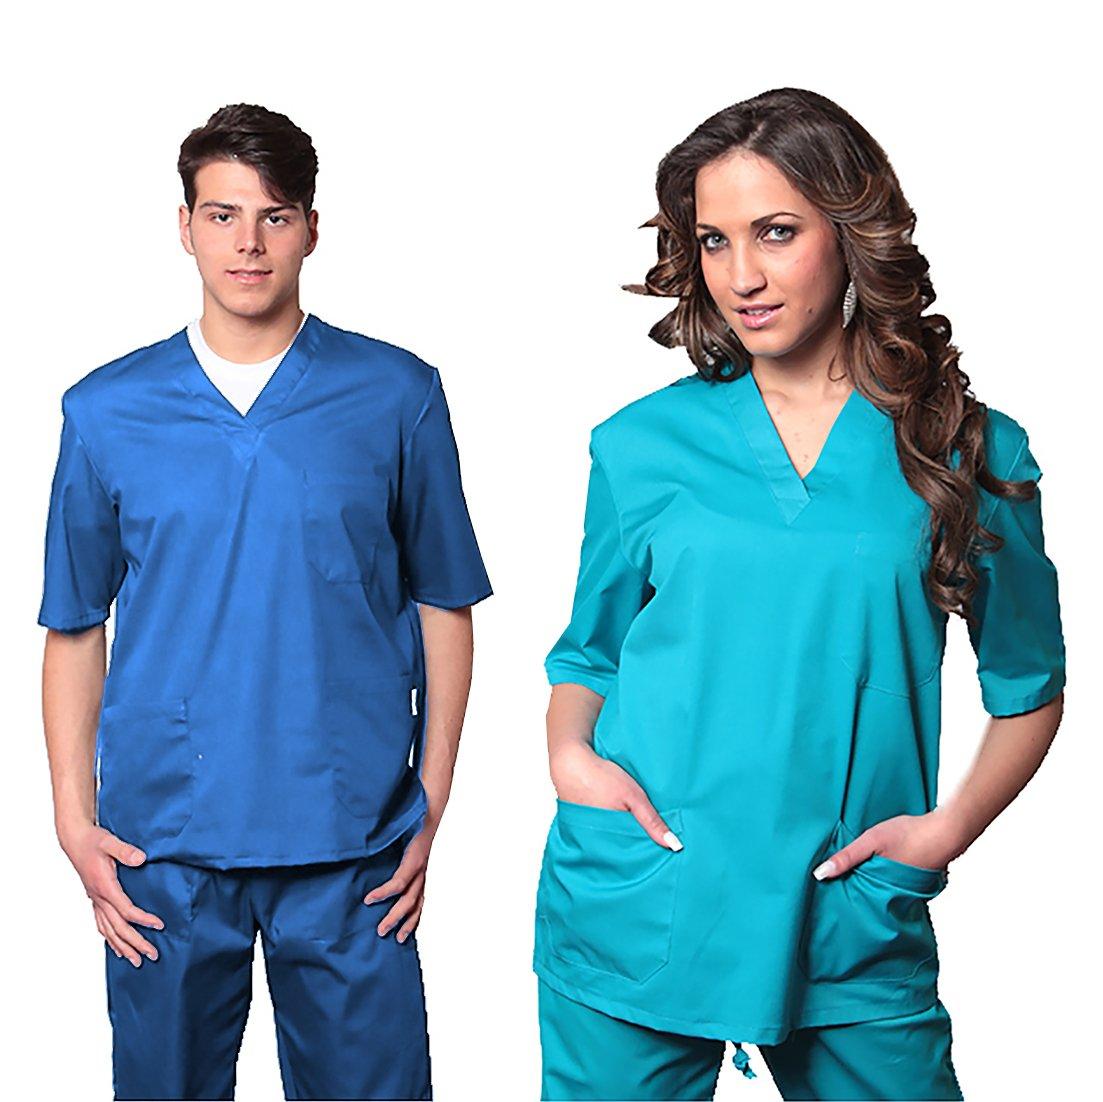 AIESI Divisa Ospedaliera unisex uomo donna in cotone 100% sanforizzato  pantaloni + casacca scollo a 40391e2e5b5